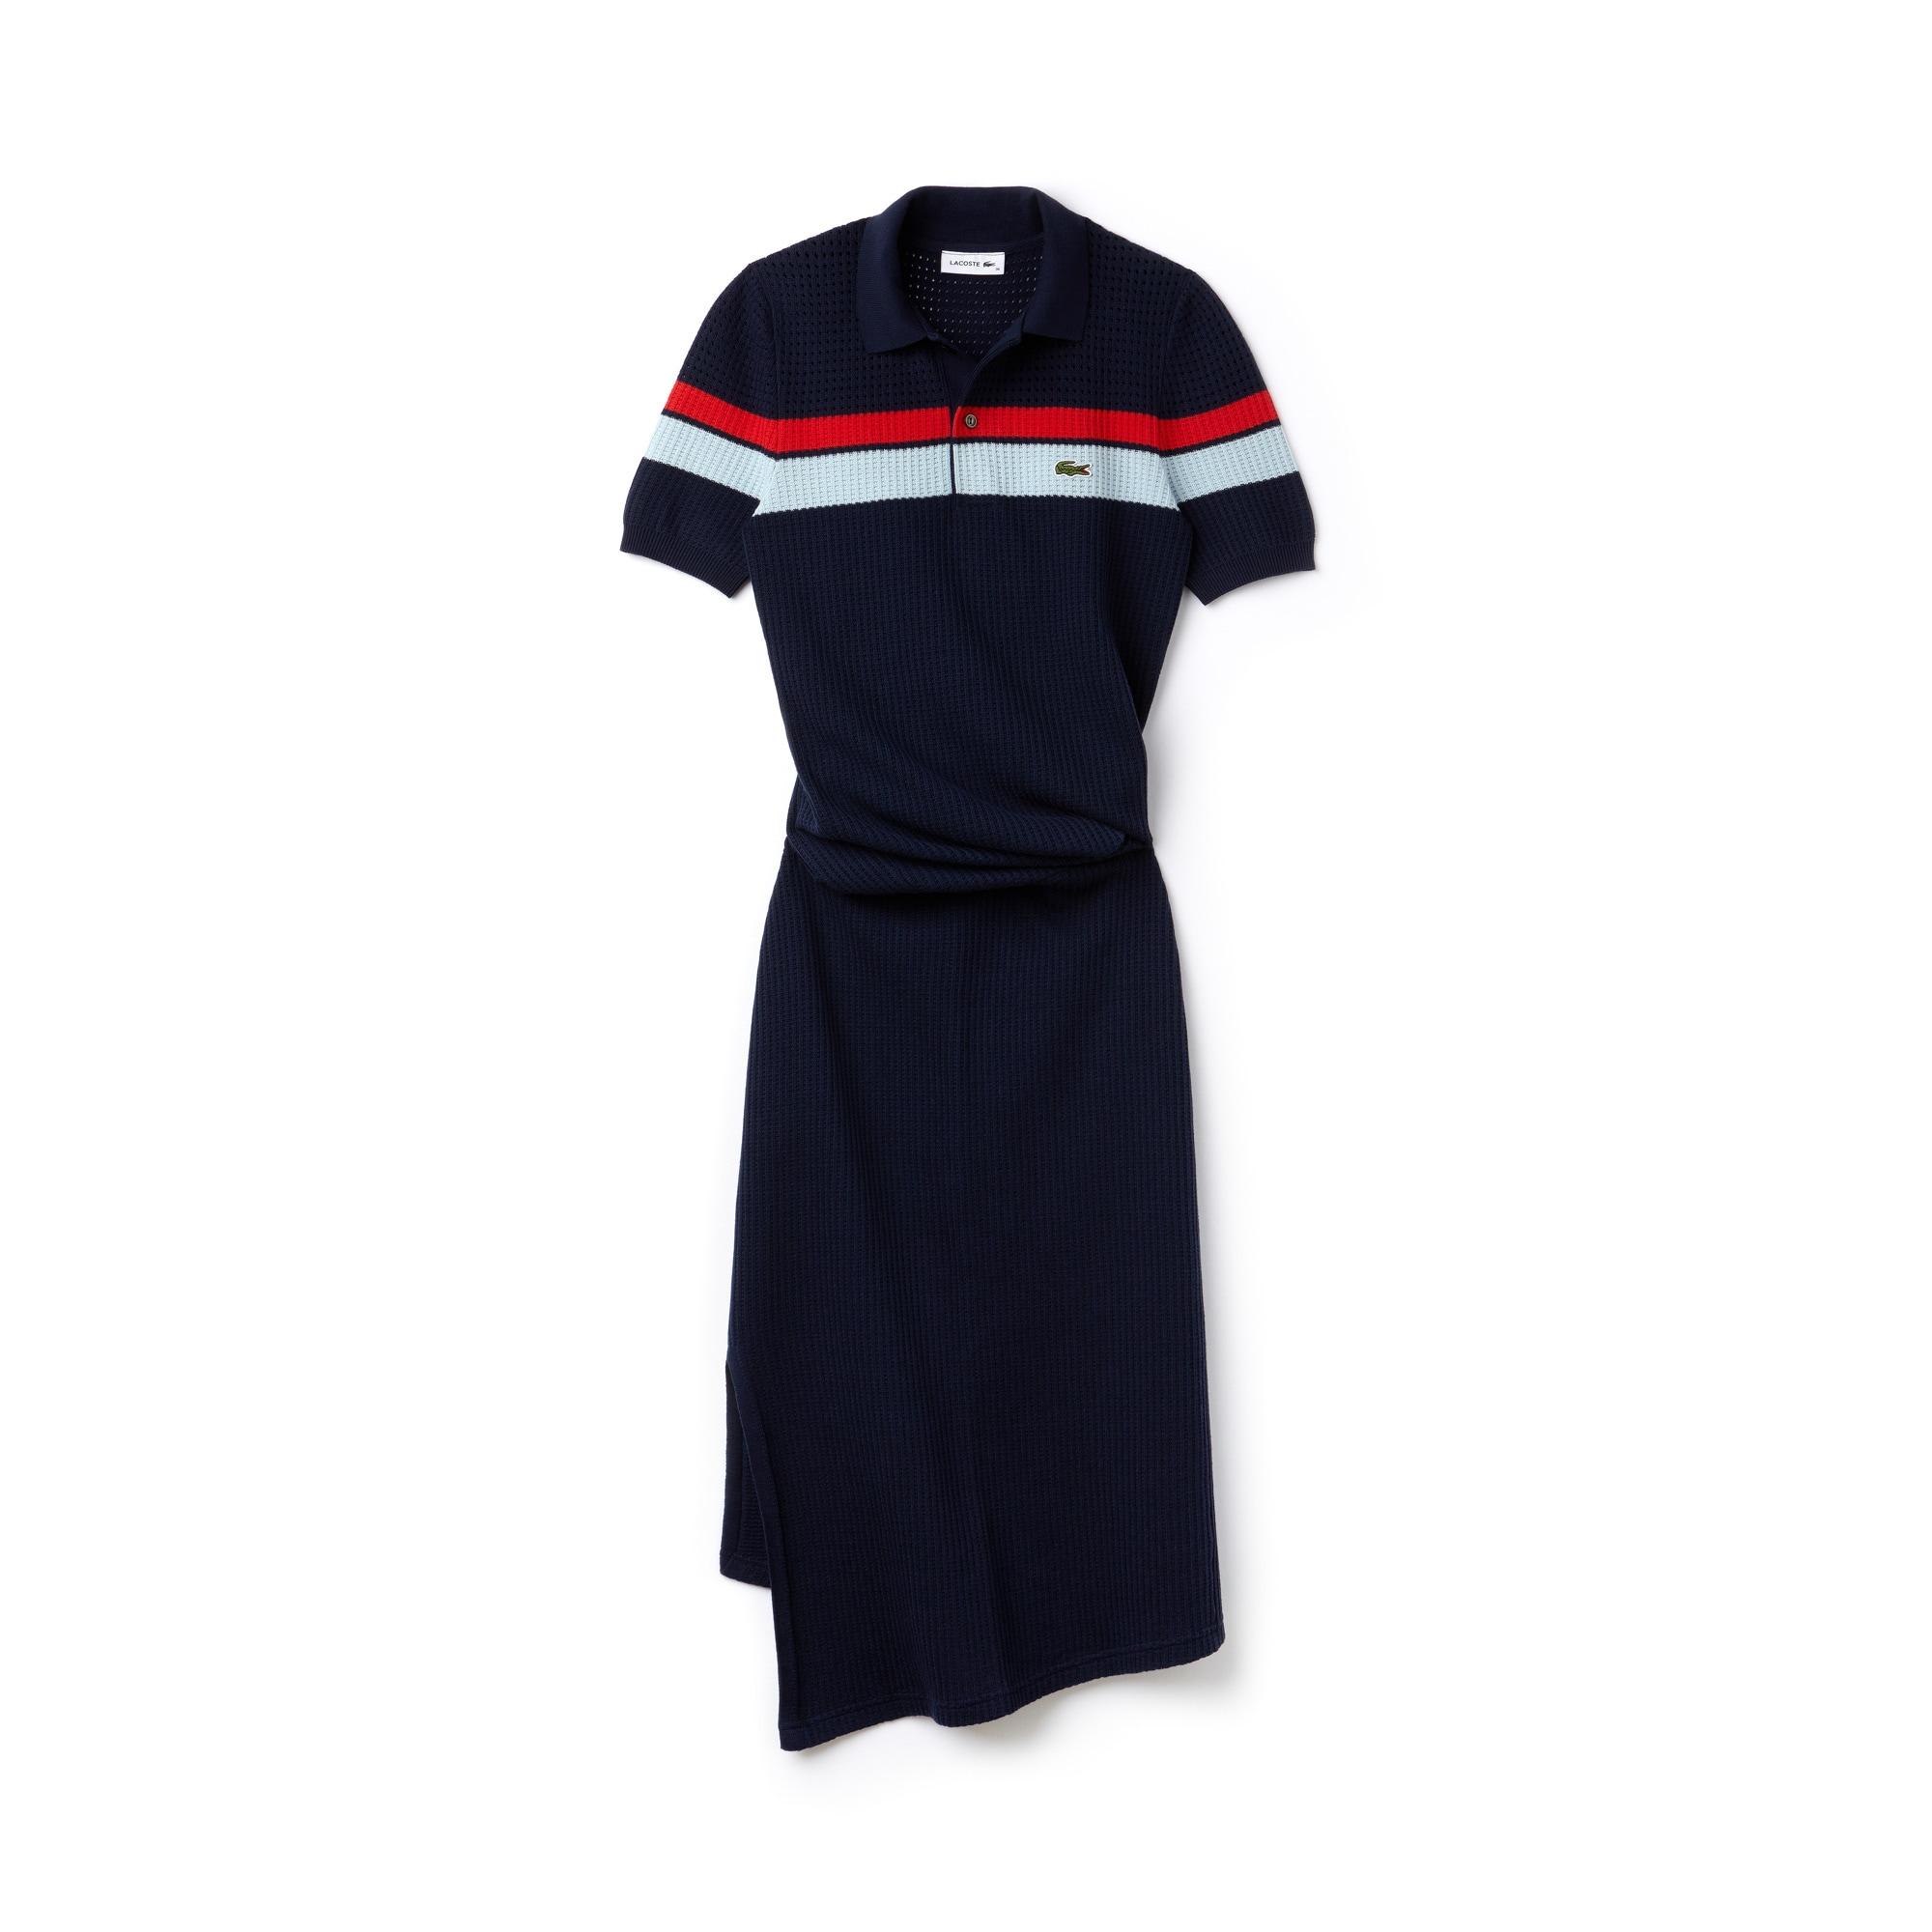 Robe polo twistée en maille de coton à rayures Édition Défilé